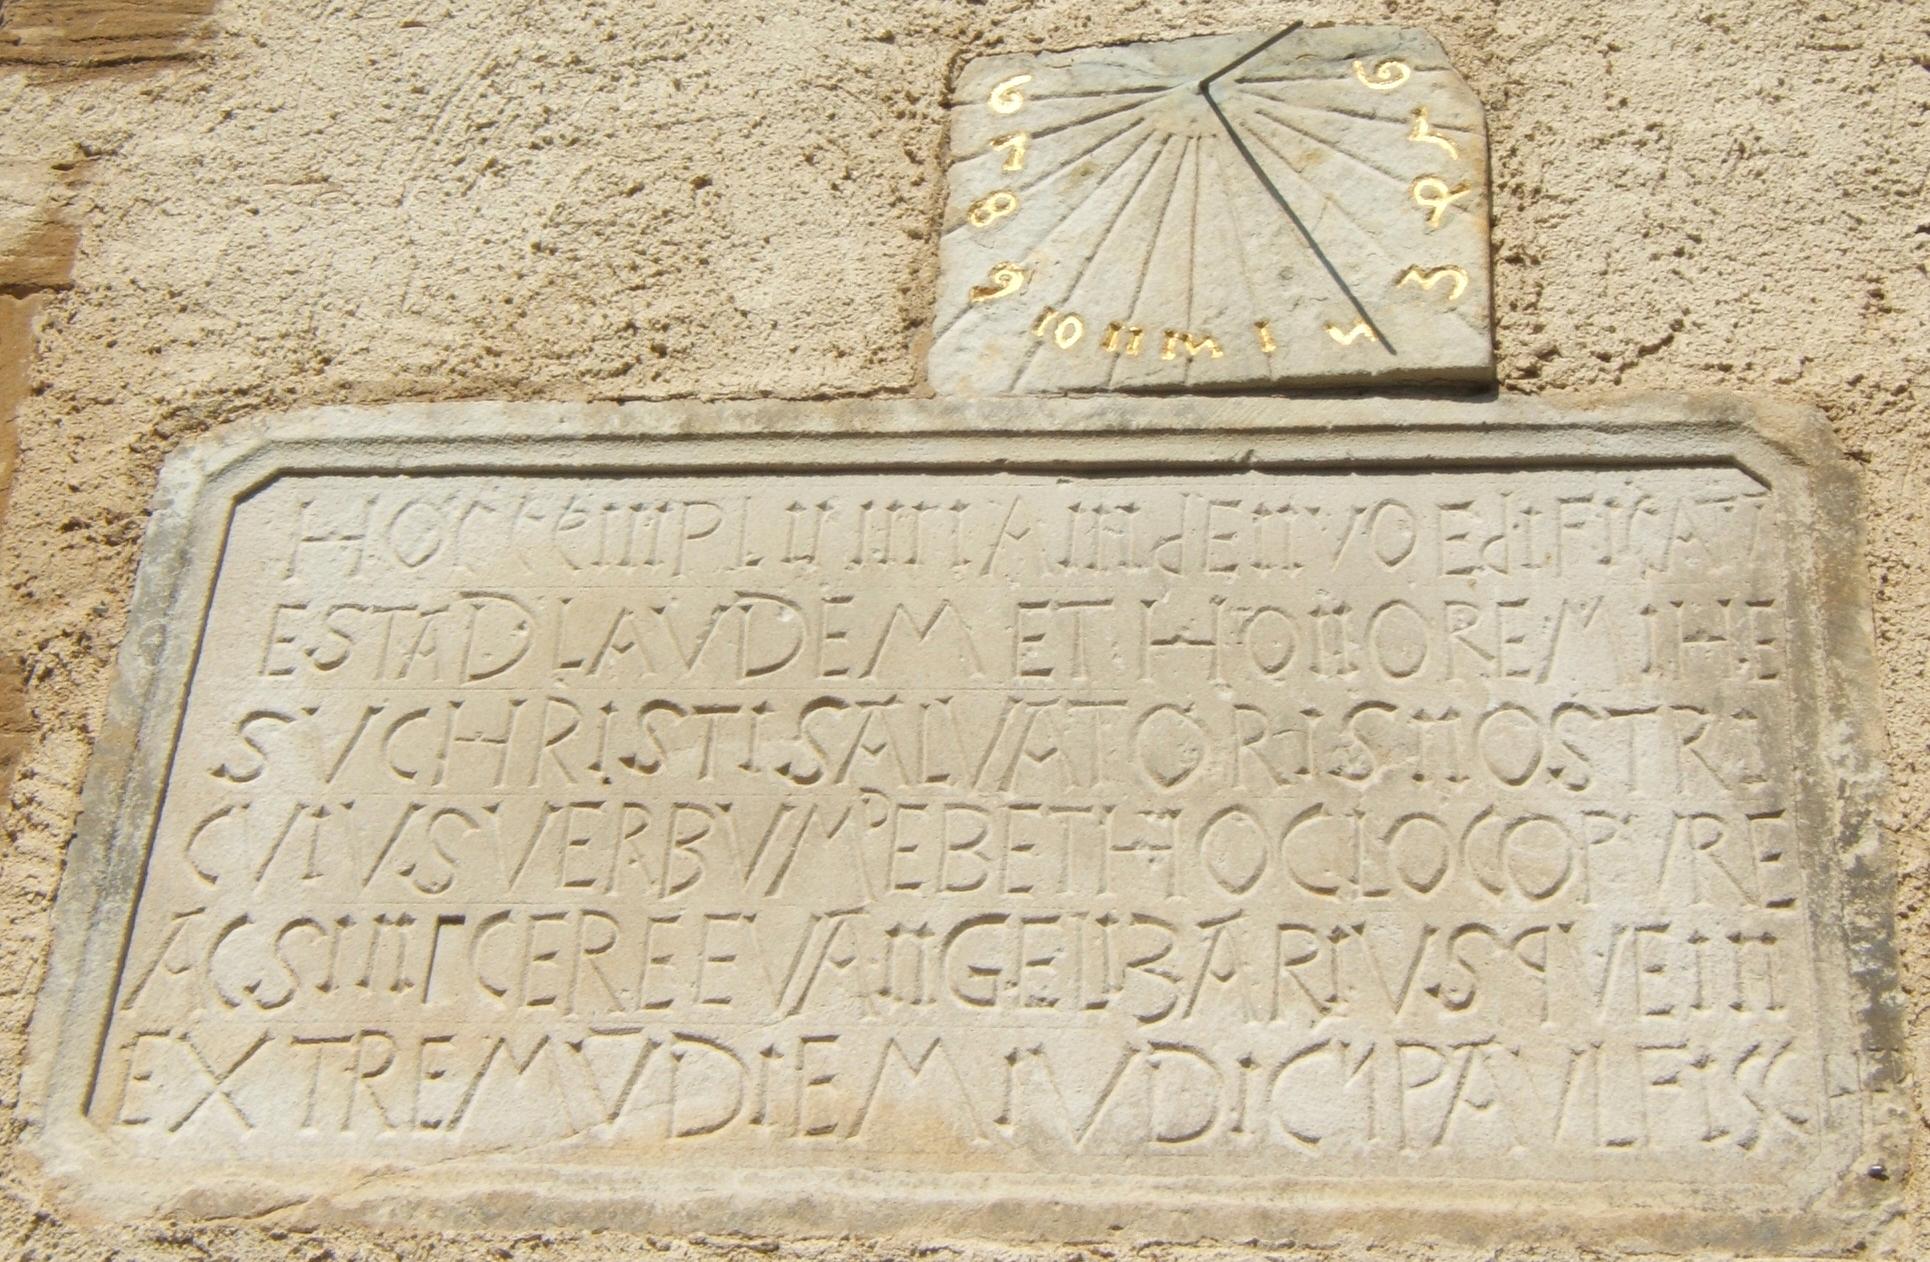 In der Bürgel-Gedenkstätte Potsdam: R. Kollar, A. Kunert und A ... dgap-afr: bet-at-home.com ag: preliminary  - globenewswire